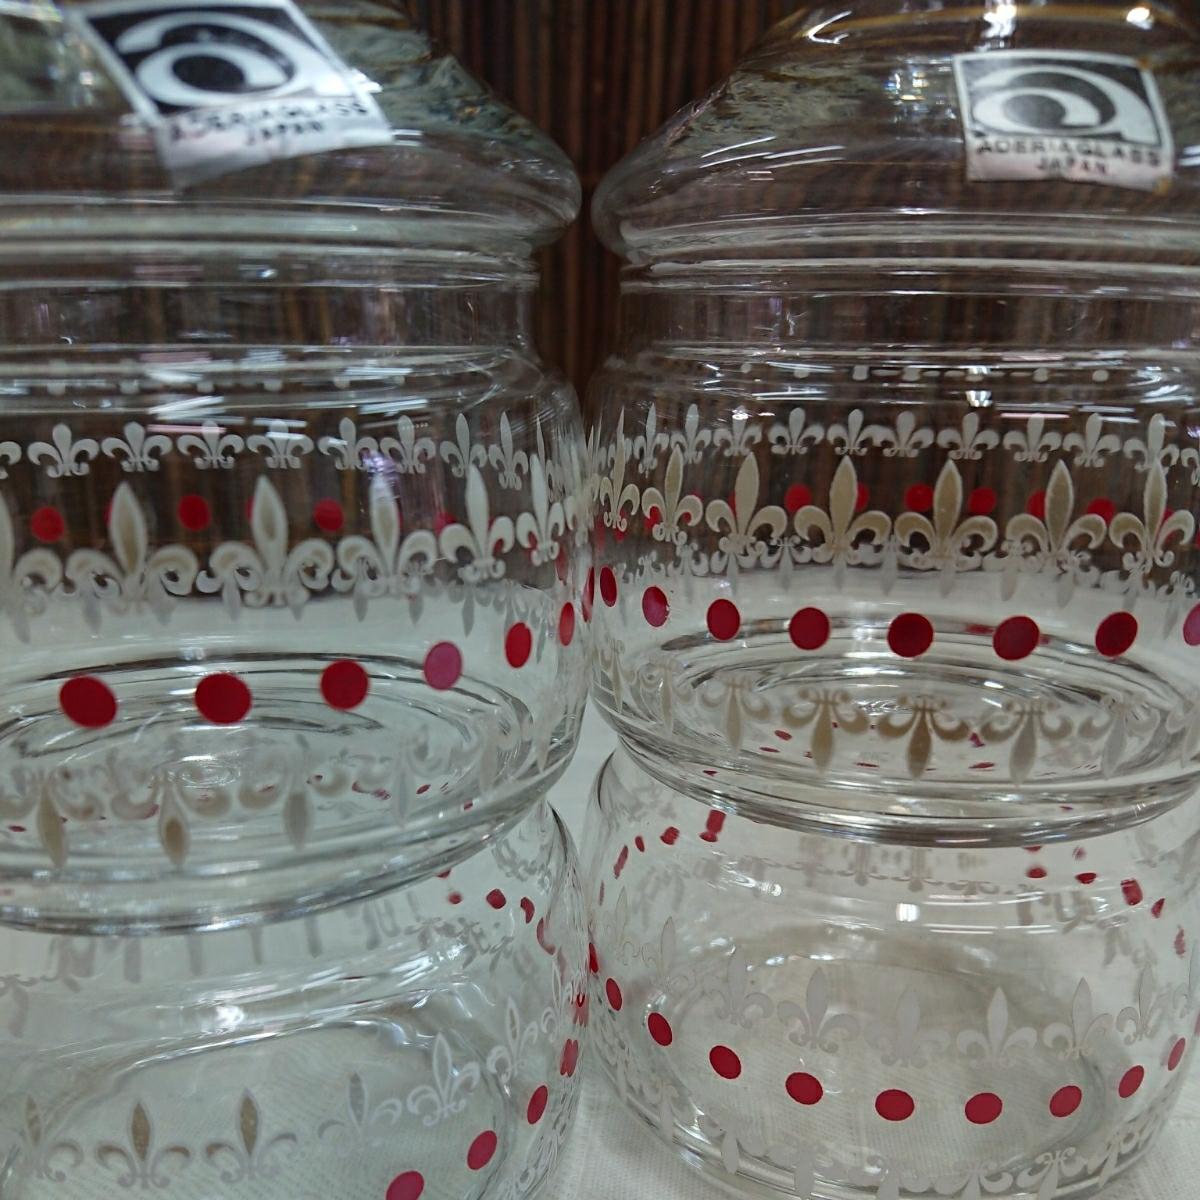 【未使用・デッドストック】アデリア ガラス スカーレット 2段シュガーポット2個 昭和レトロ (キャニスター 小物入れ キャンディ ジャー等)_画像9